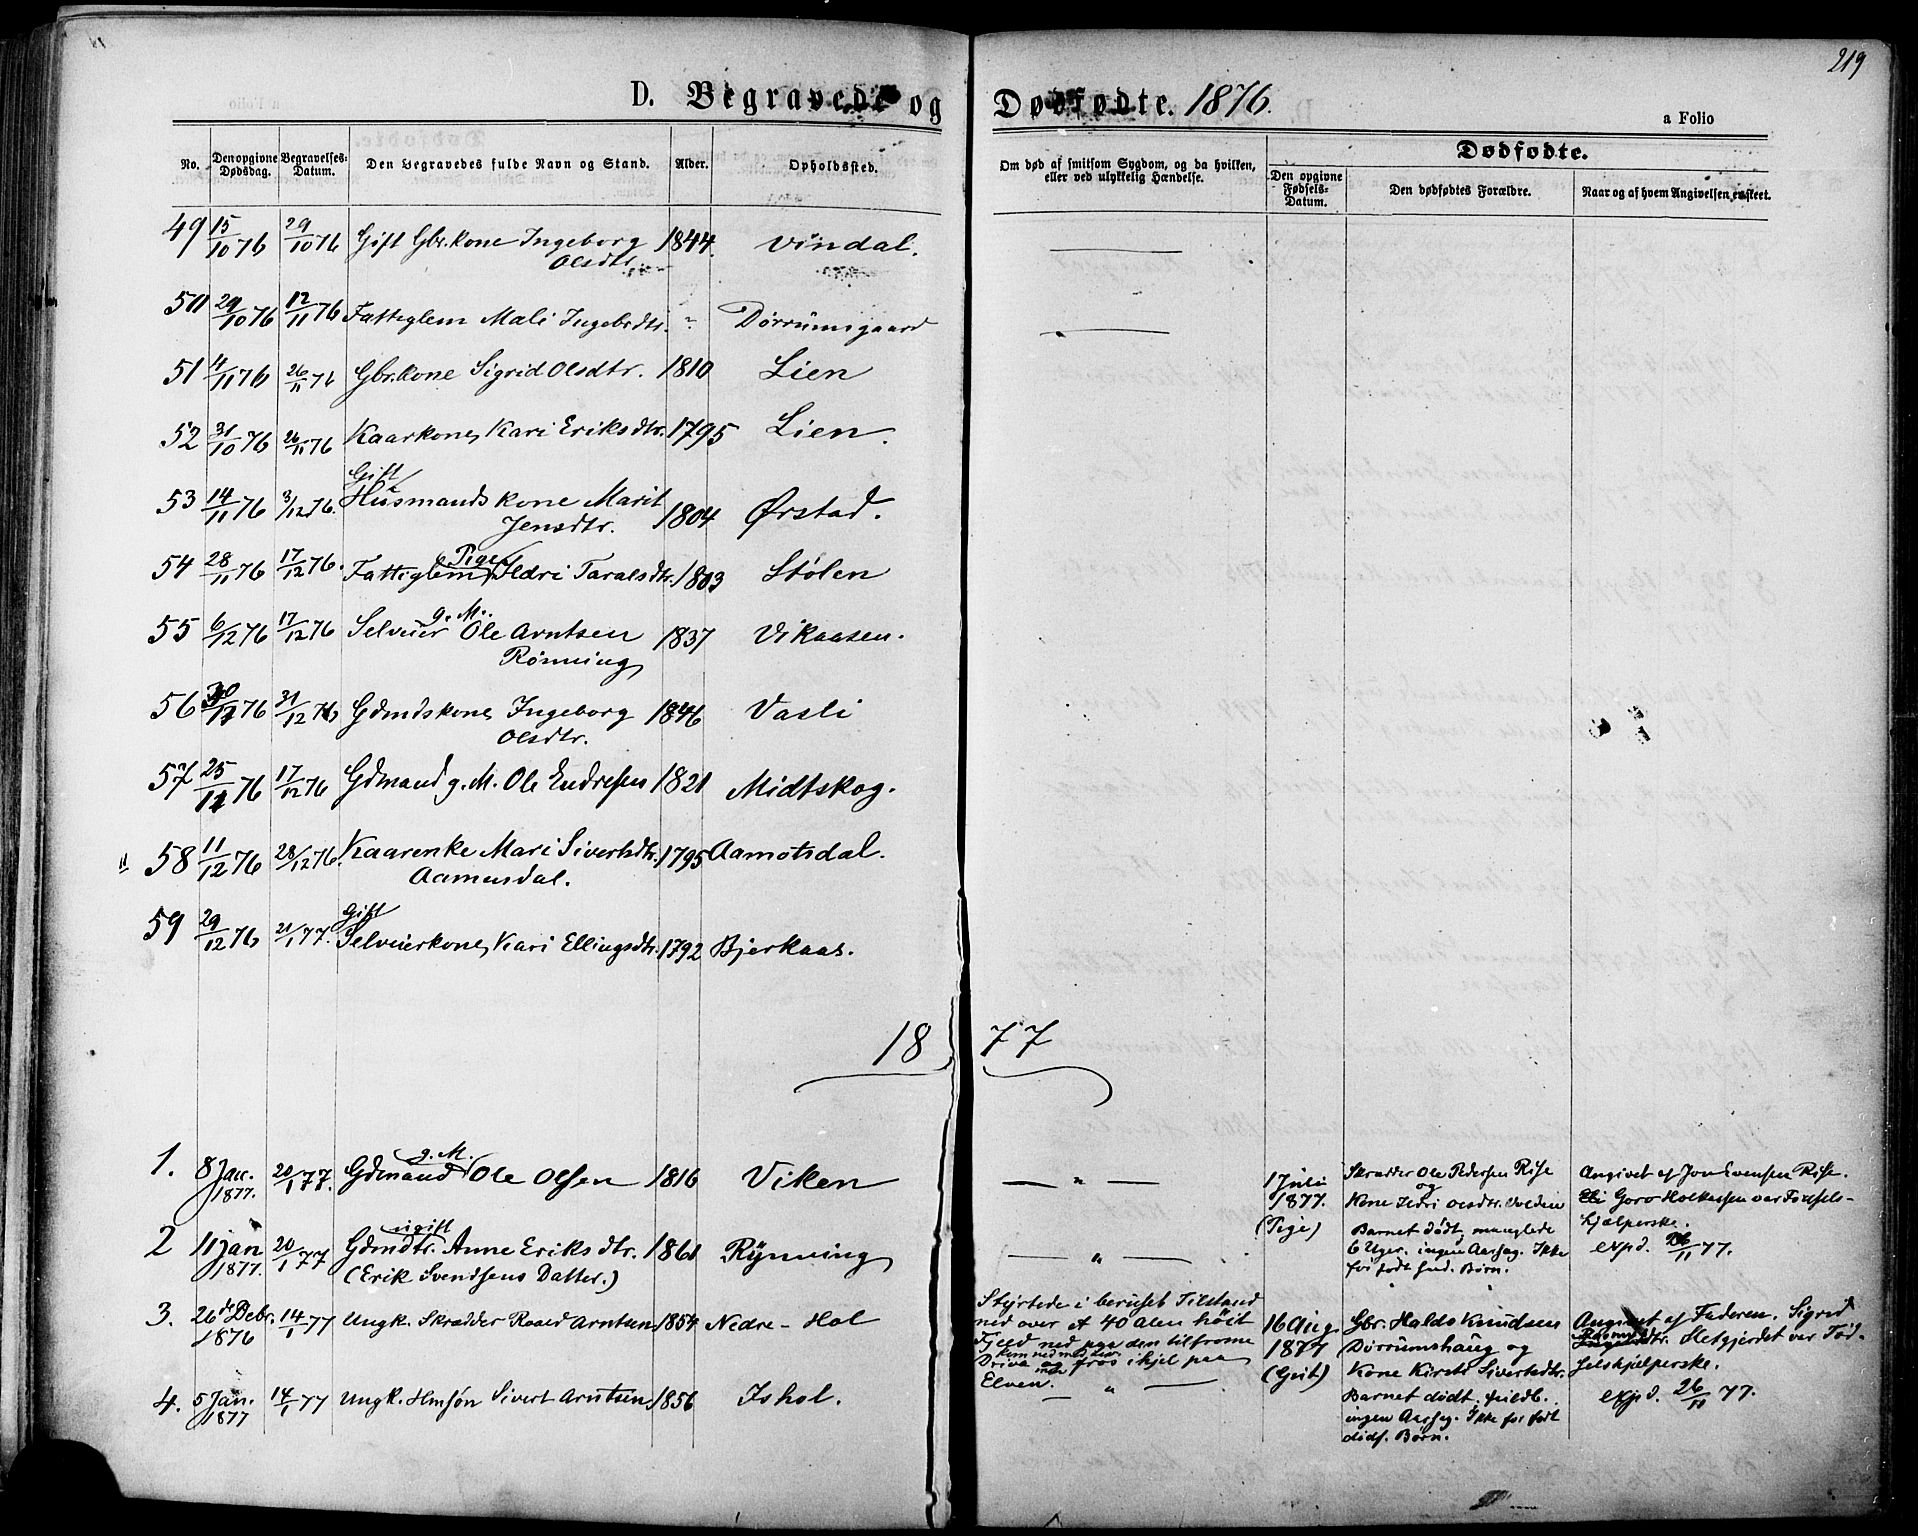 SAT, Ministerialprotokoller, klokkerbøker og fødselsregistre - Sør-Trøndelag, 678/L0900: Ministerialbok nr. 678A09, 1872-1881, s. 219